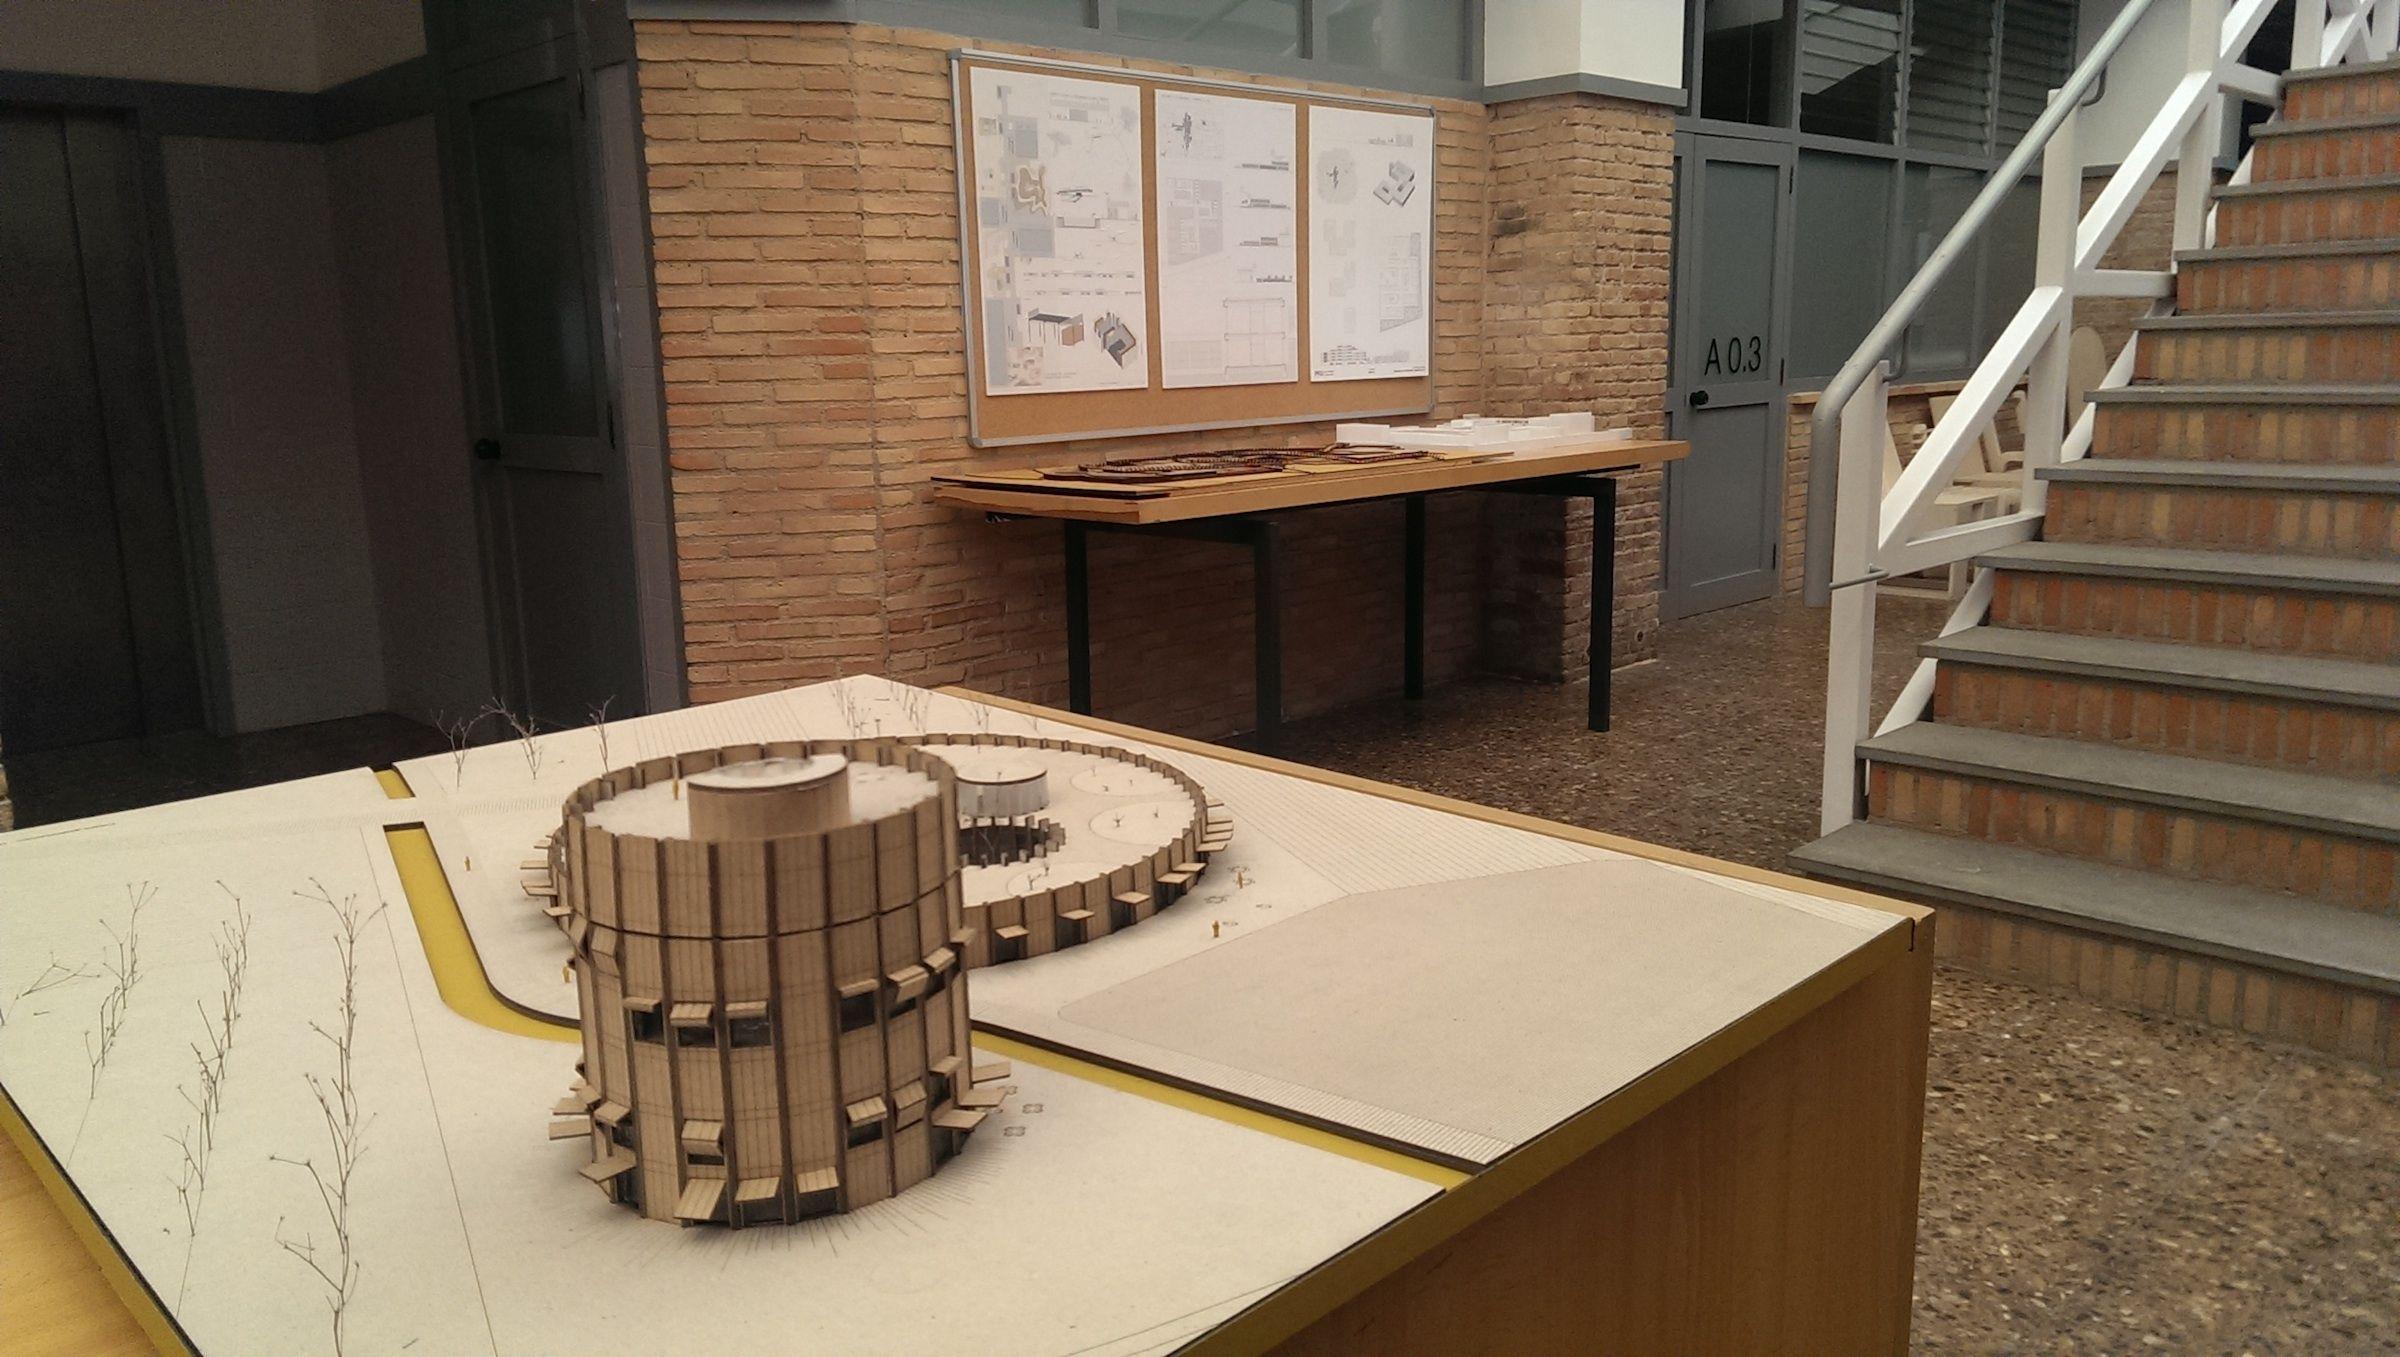 D a de proyectos en el grado en arquitectura de la ceu for Grado en arquitectura